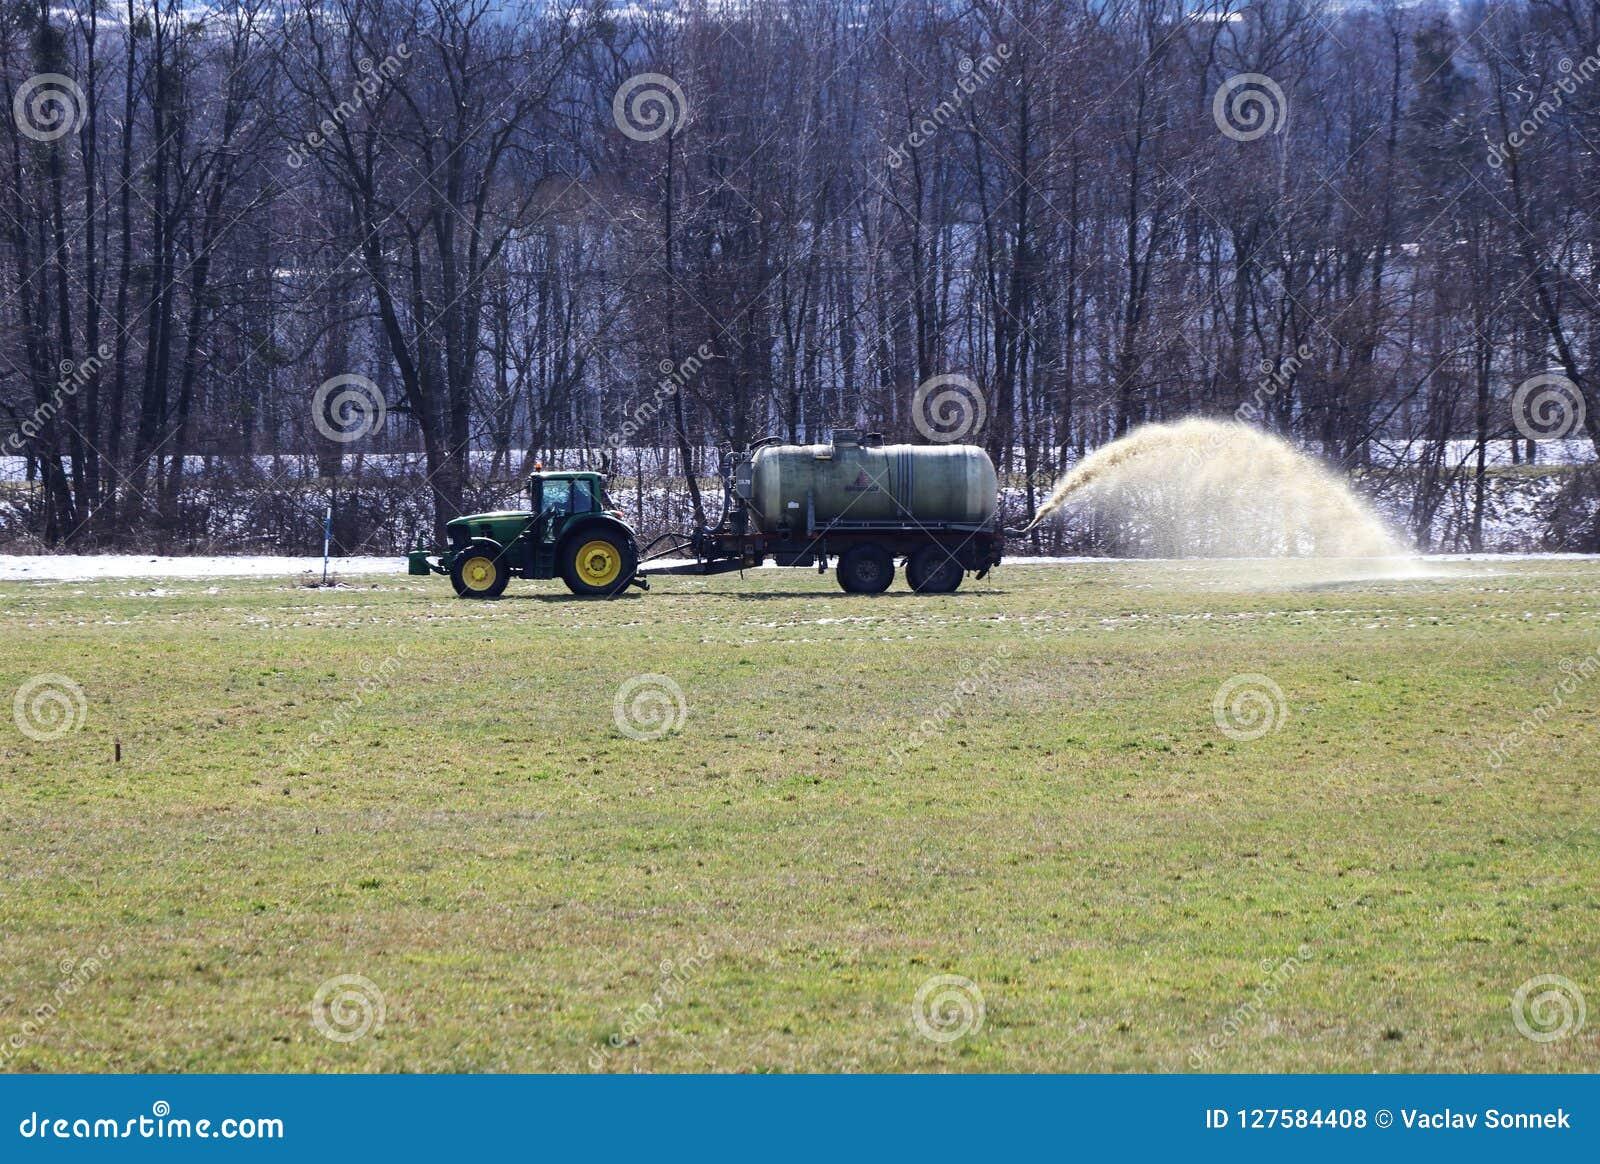 Трактор лить поле с жидкостным поземом для лучшей структуры поля Необходимо для лучшего сбора